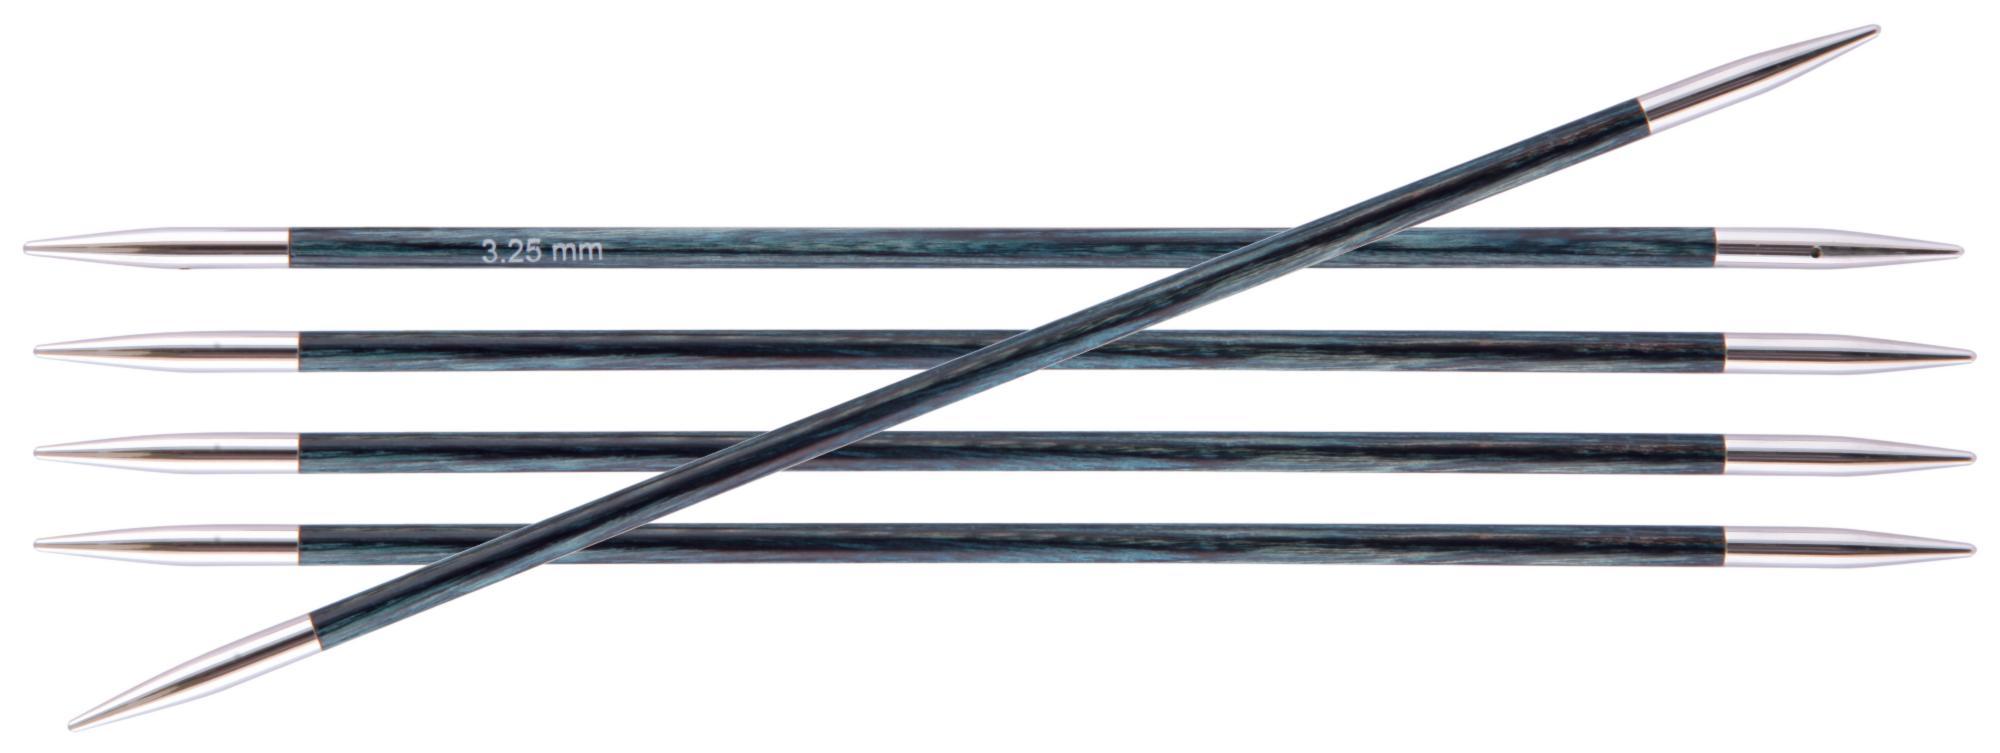 Спицы носочные 20 см Royale KnitPro, 29034, 3.25 мм